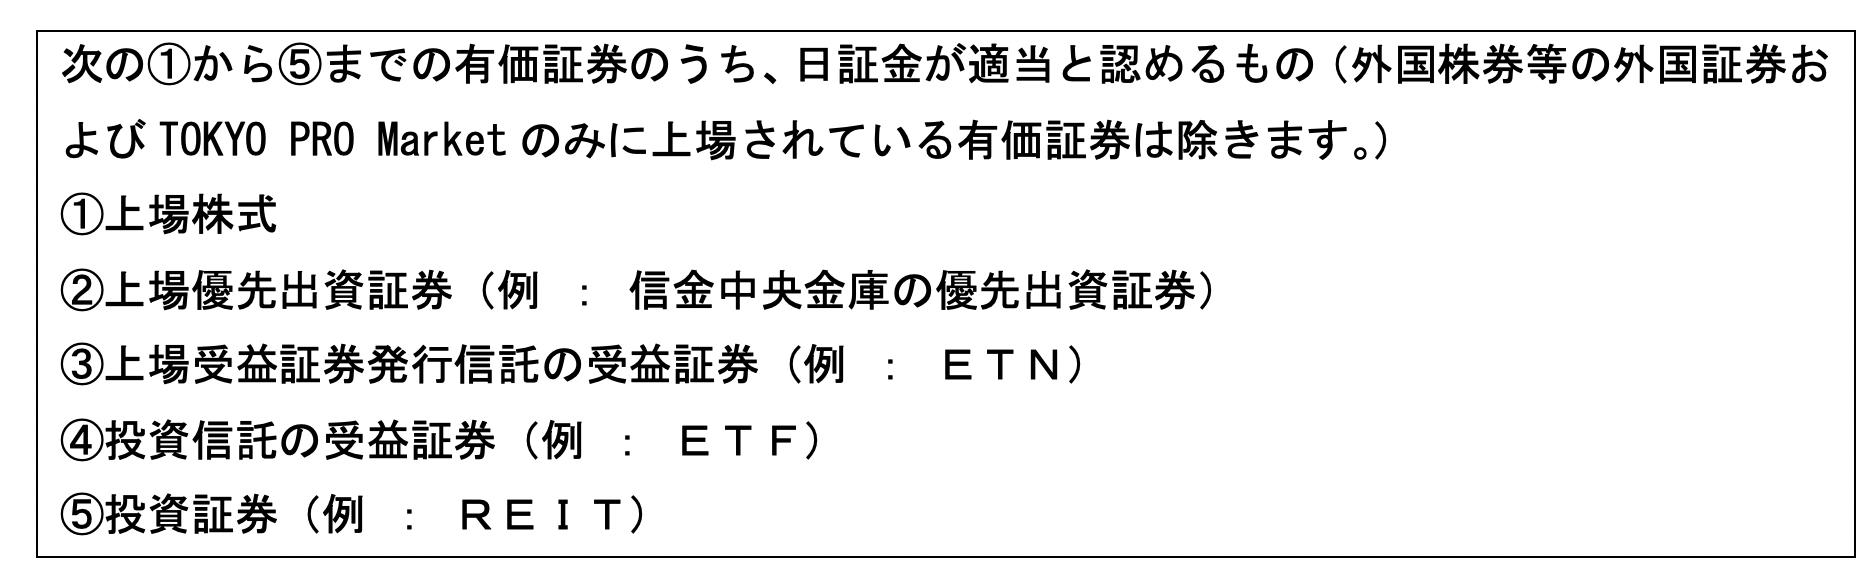 出所:https://web.jsfnet.com/goods/exp/clw41330.html#detail_st